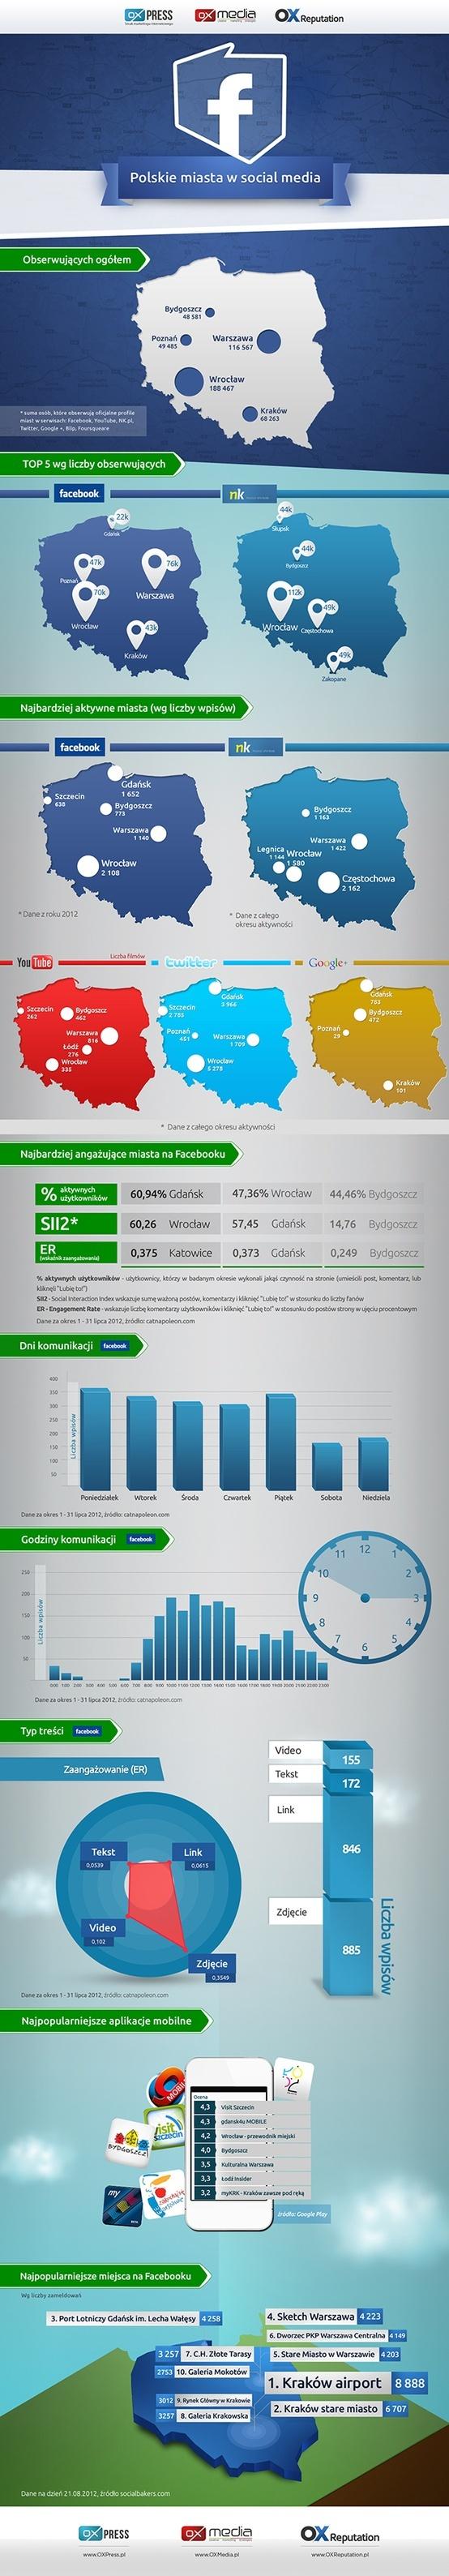 Polish Cities in social media